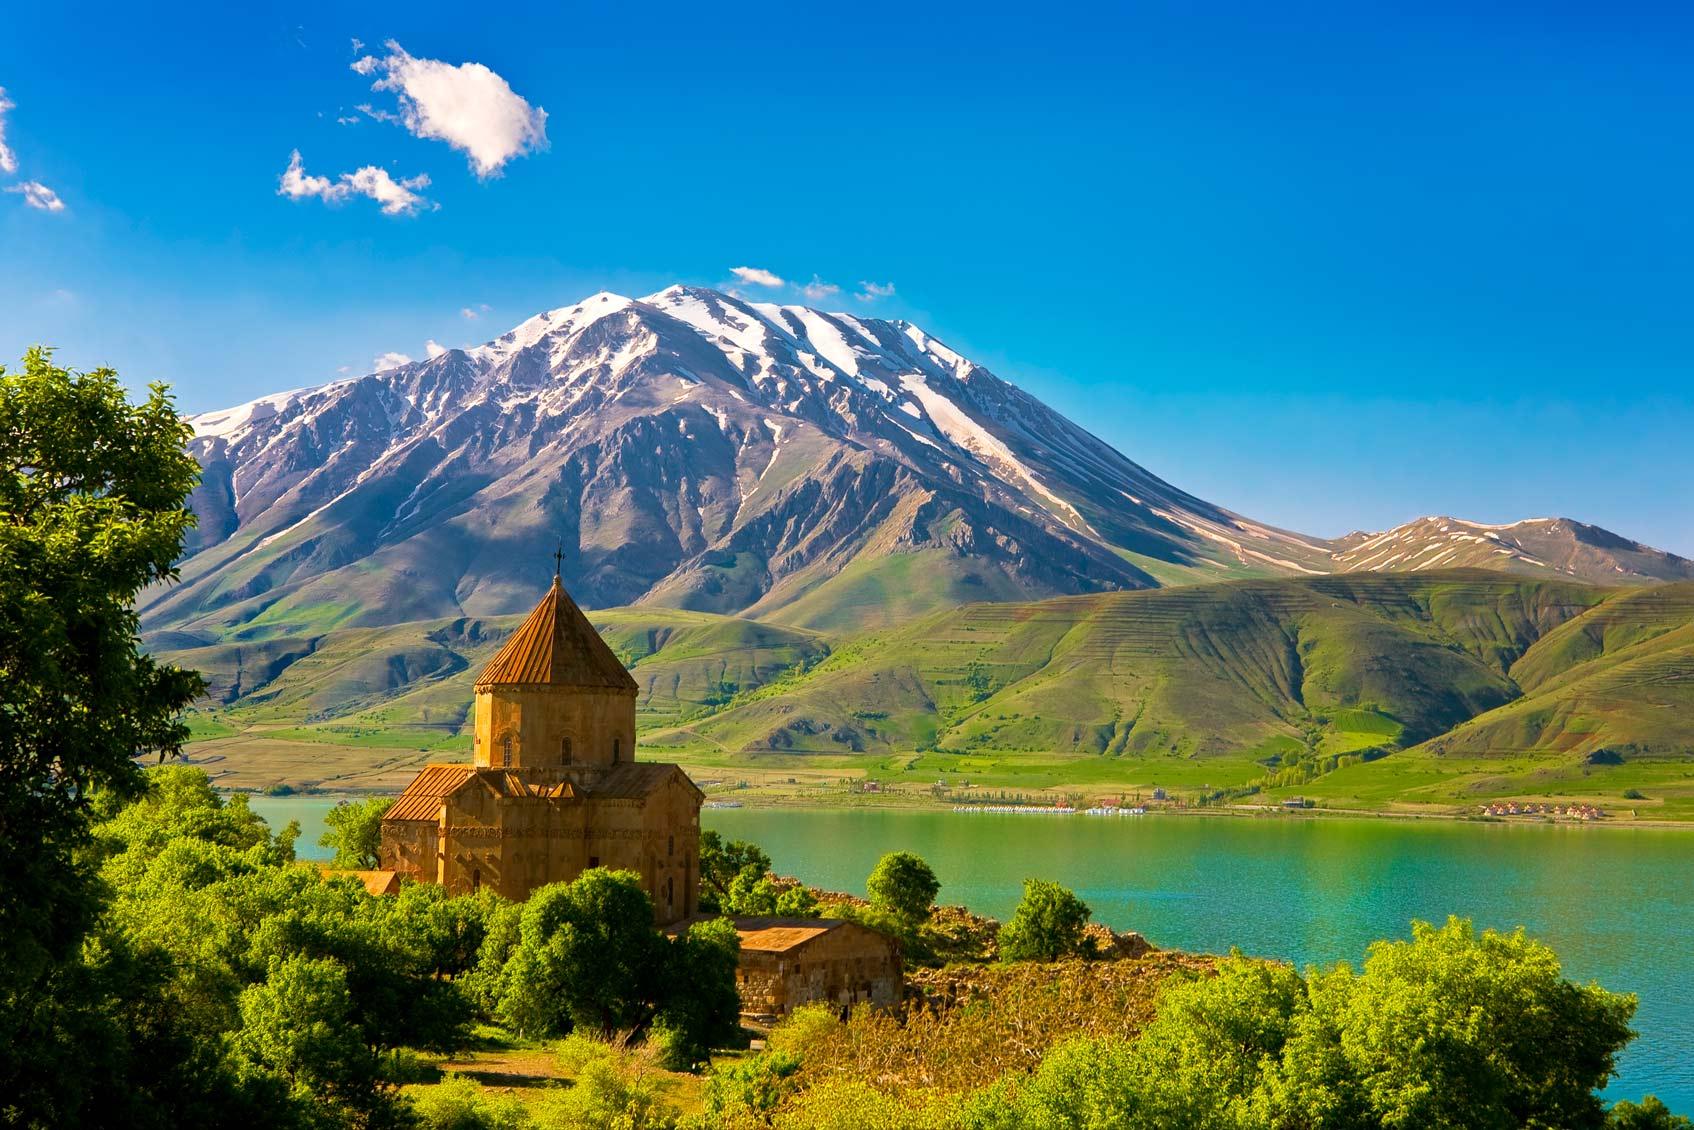 Остров Акдамар в озере Ван. Армянская кафедральная церковь Святого Креста (с 10-го века). Спокойный вулкан Гора Кадир (Кадир Даги) на заднем плане